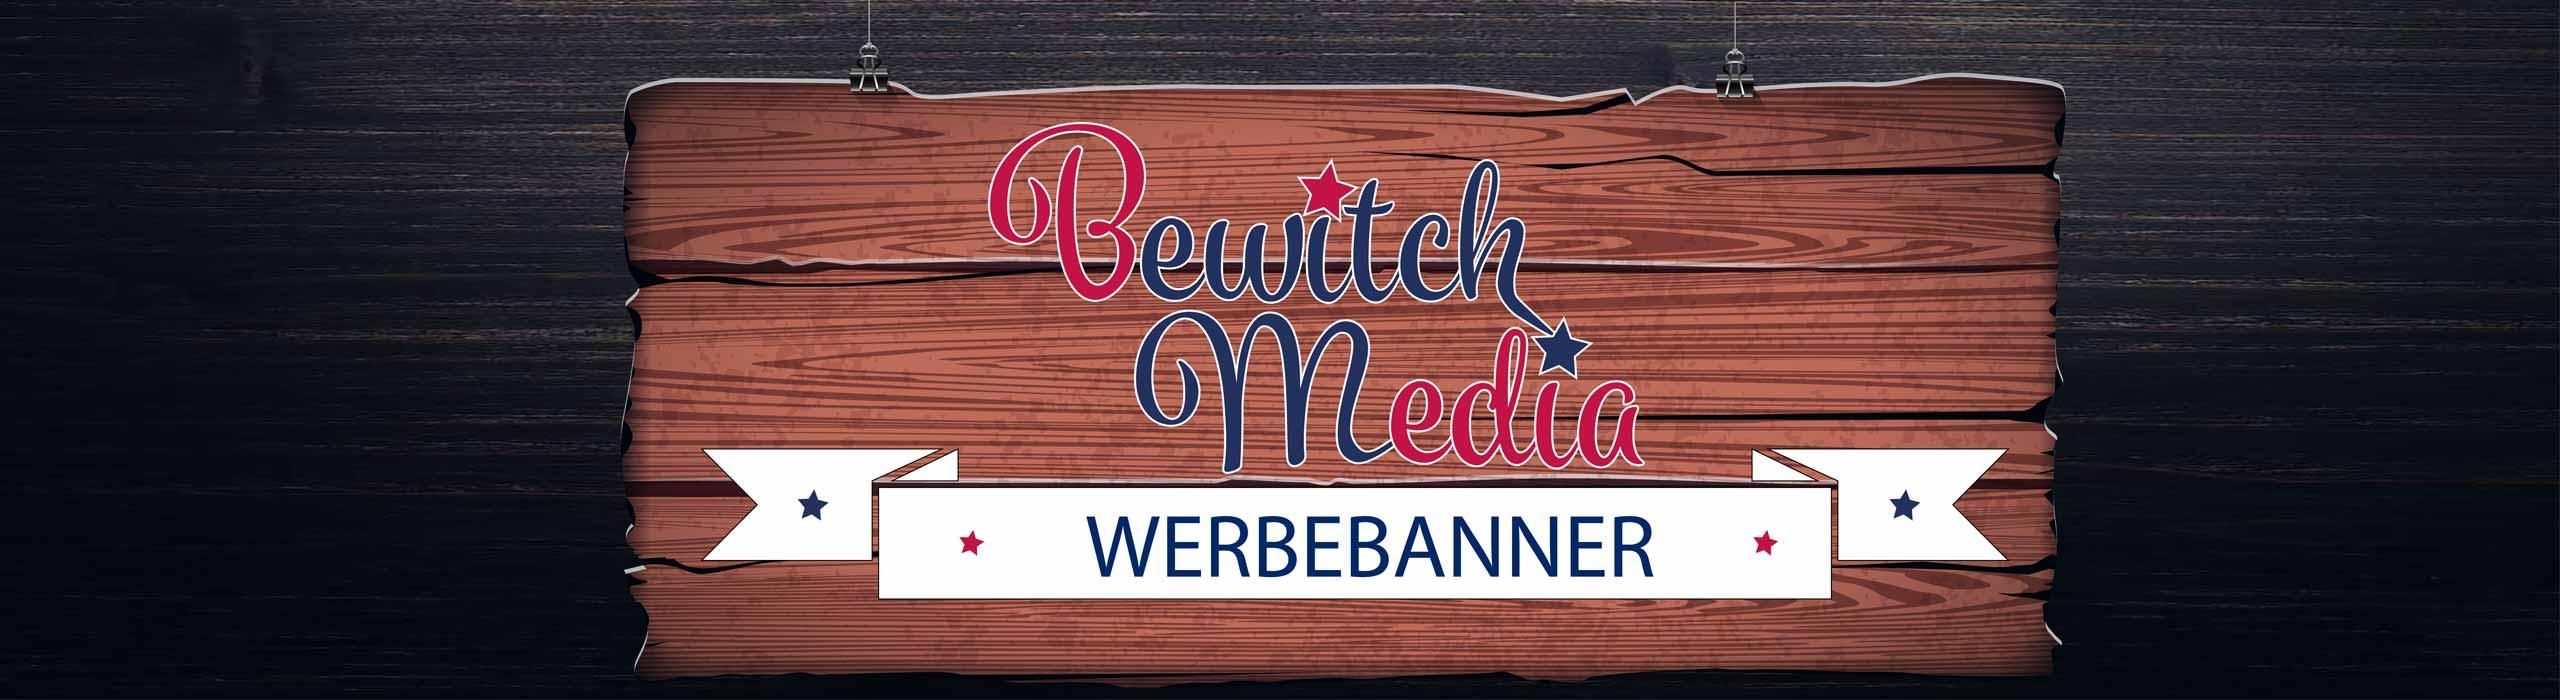 Bewitch Media Werbebanner